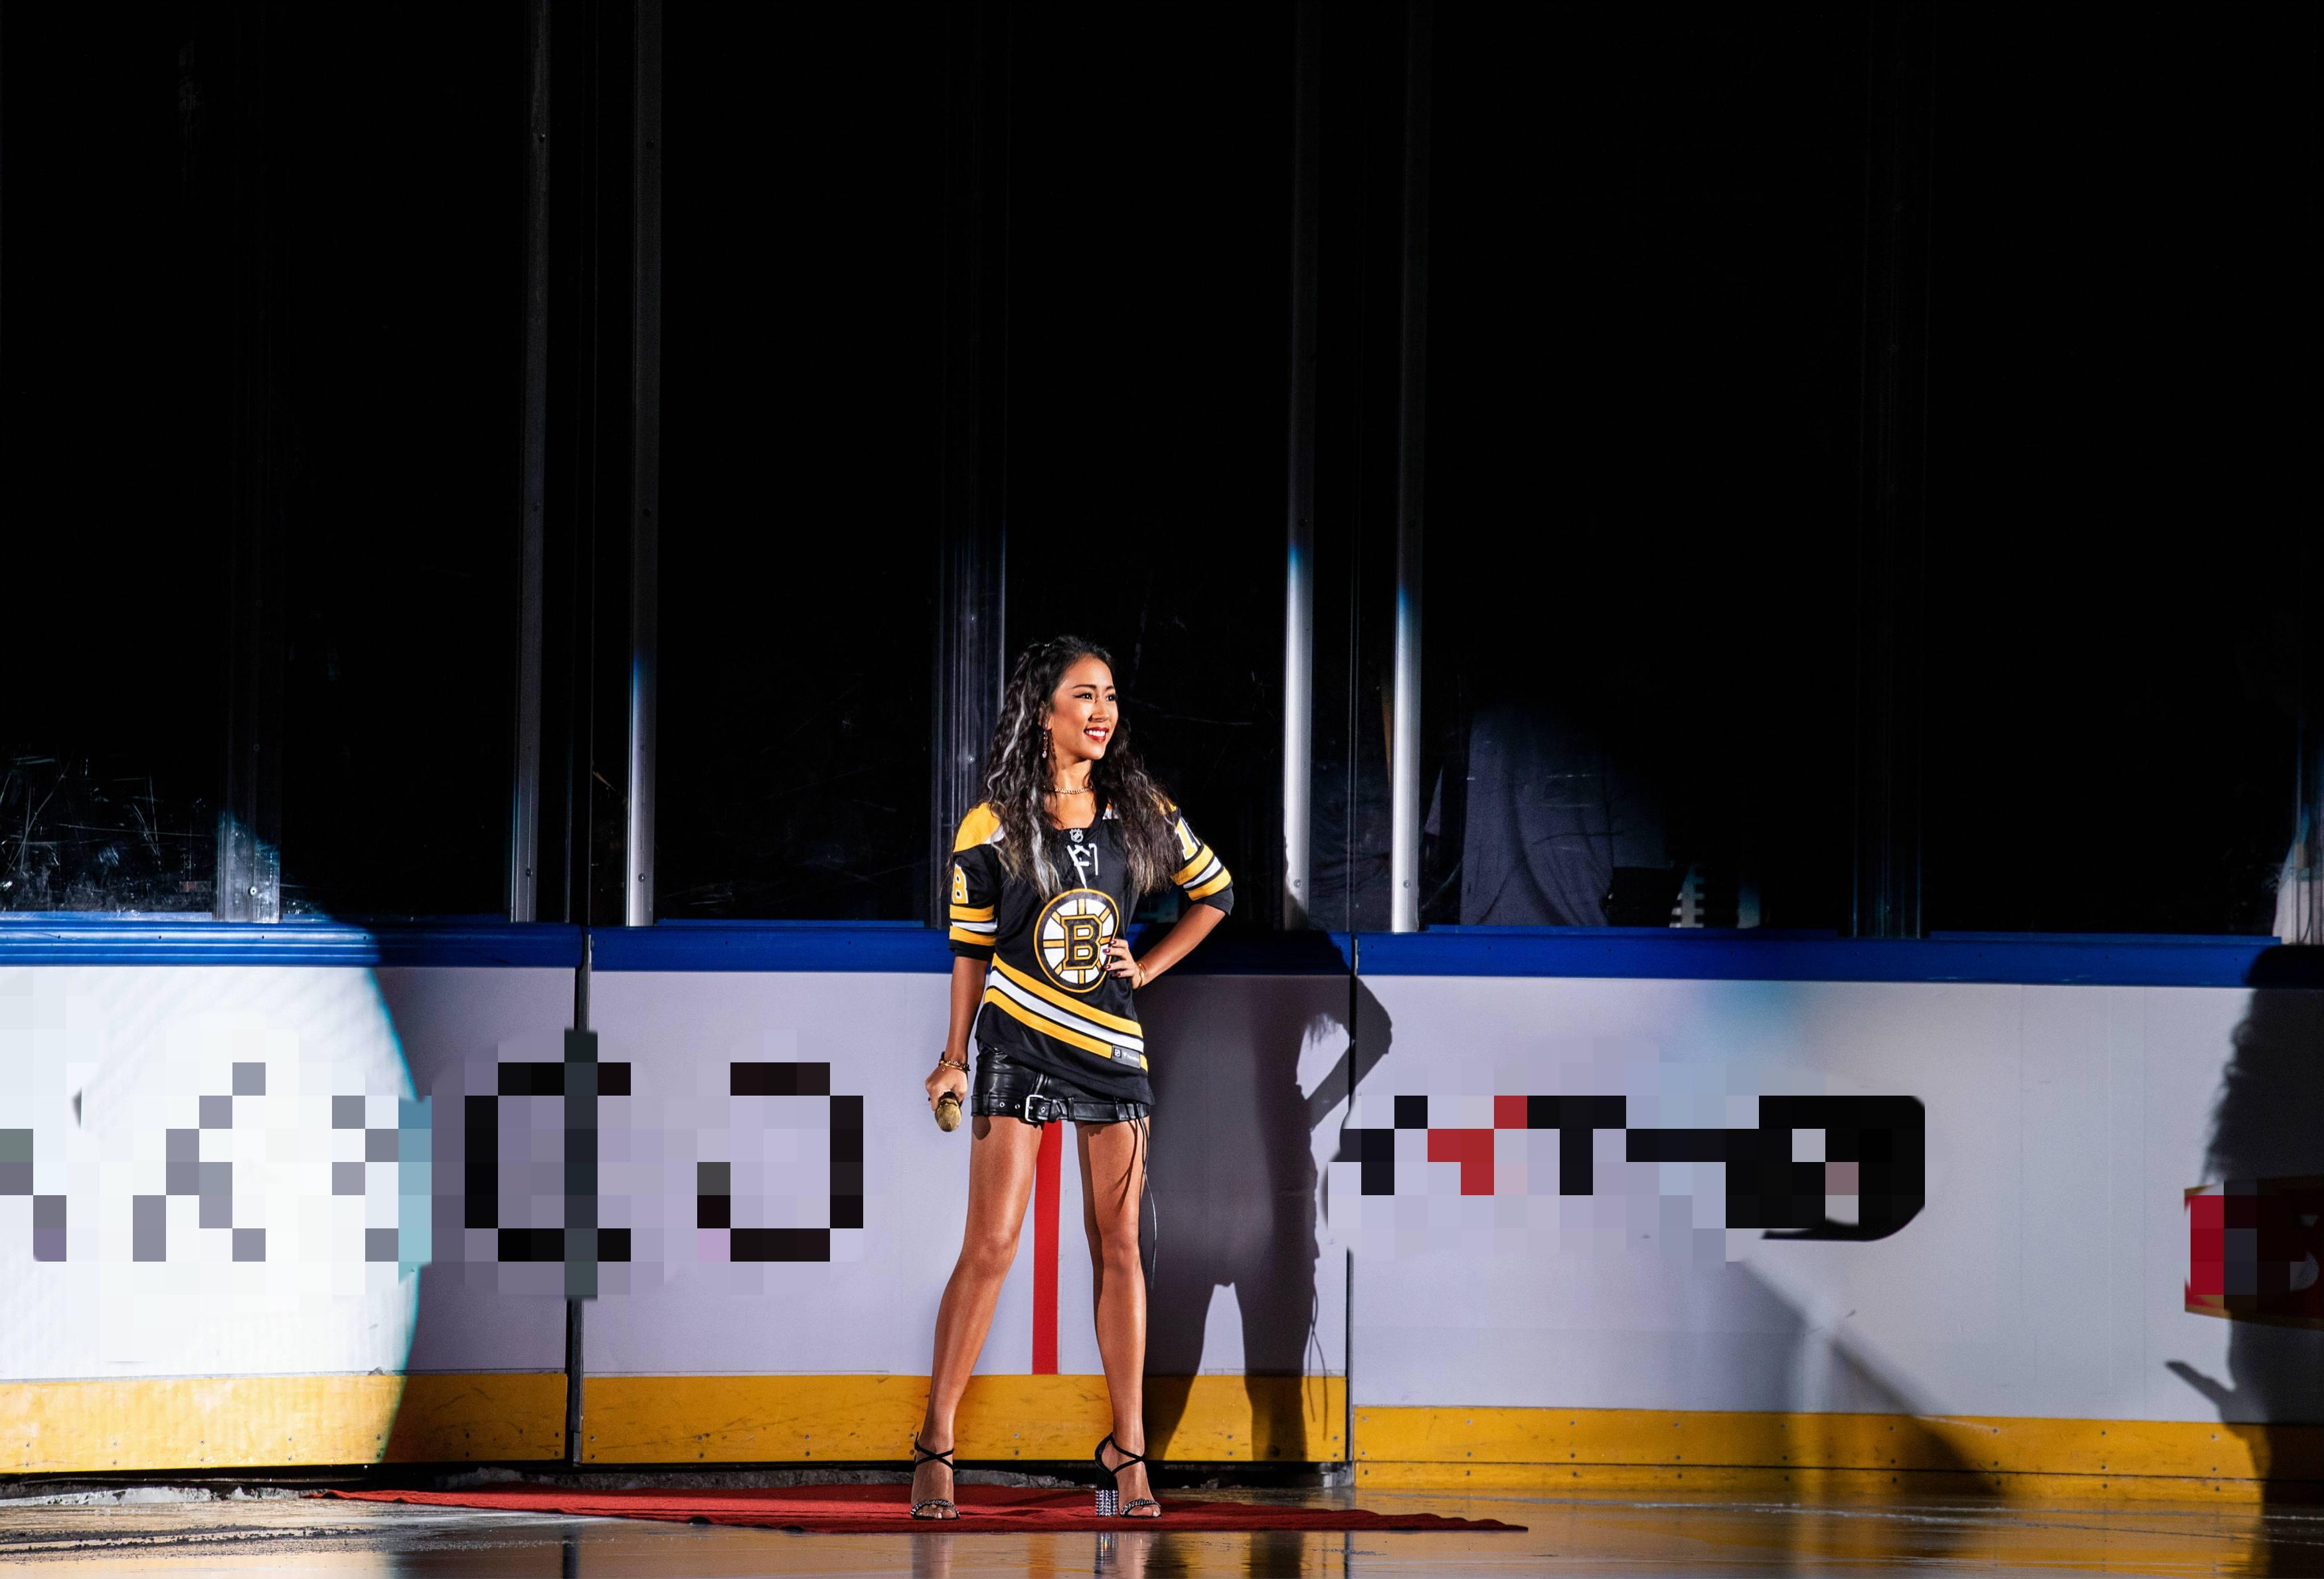 """吉克隽逸领唱NHL中国赛北京站  与聂远张铭恩同场""""竞技"""""""